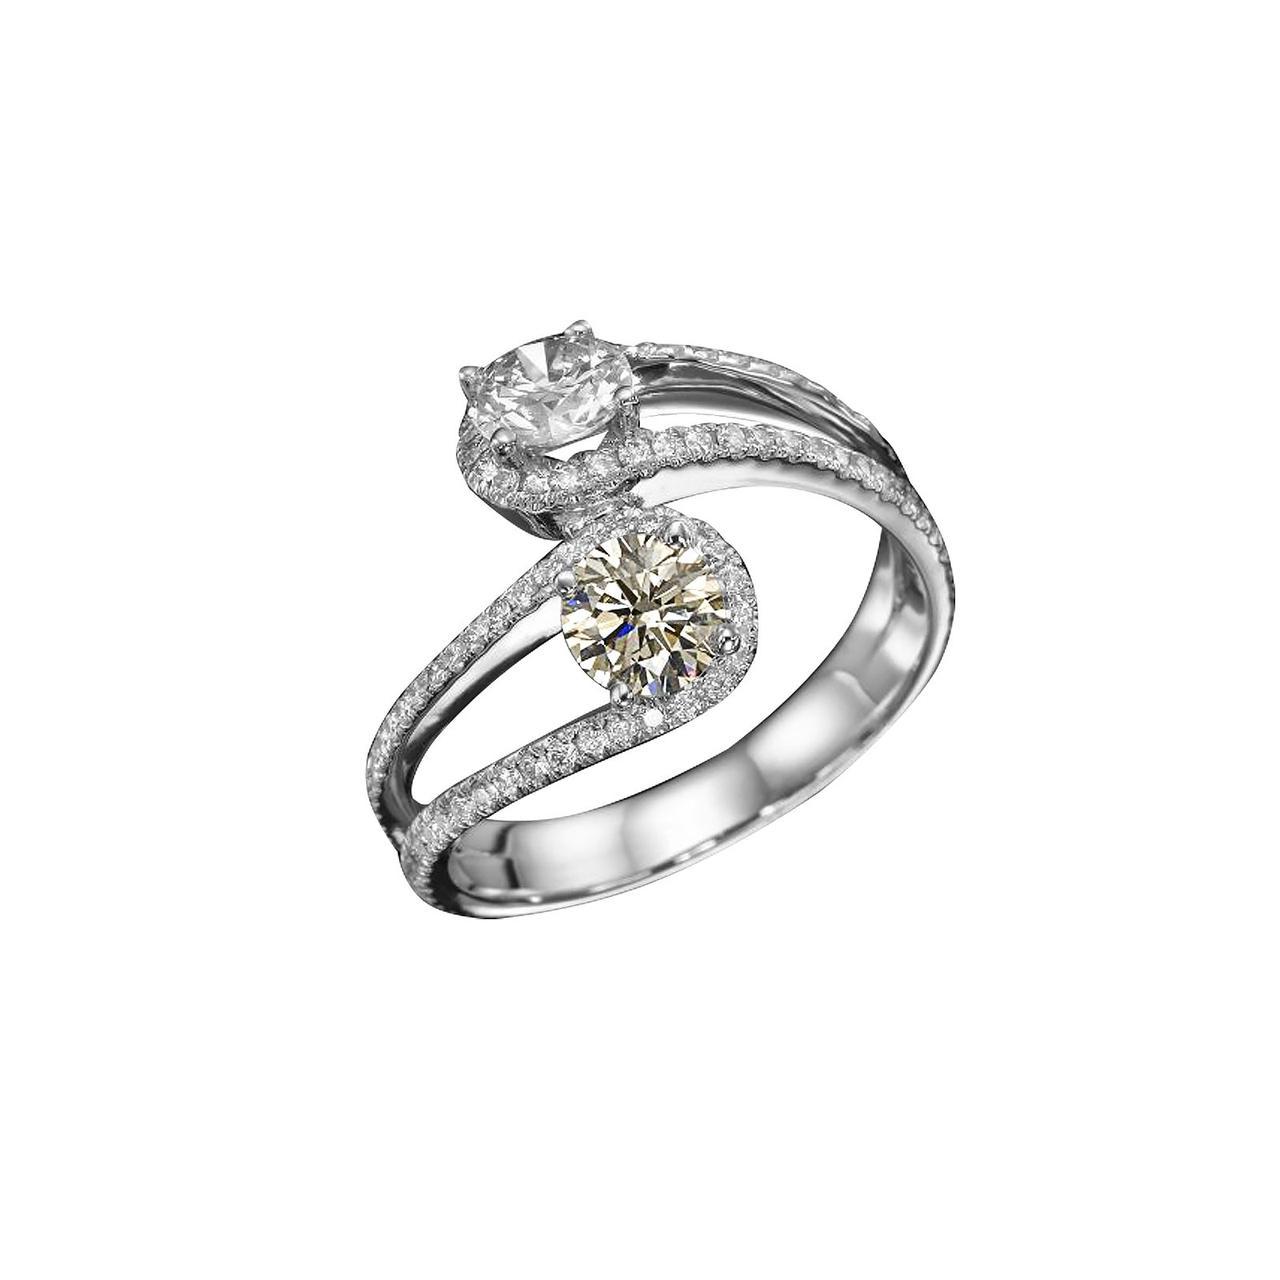 Золотое кольцо с бриллиантами, размер 17 (1689365)